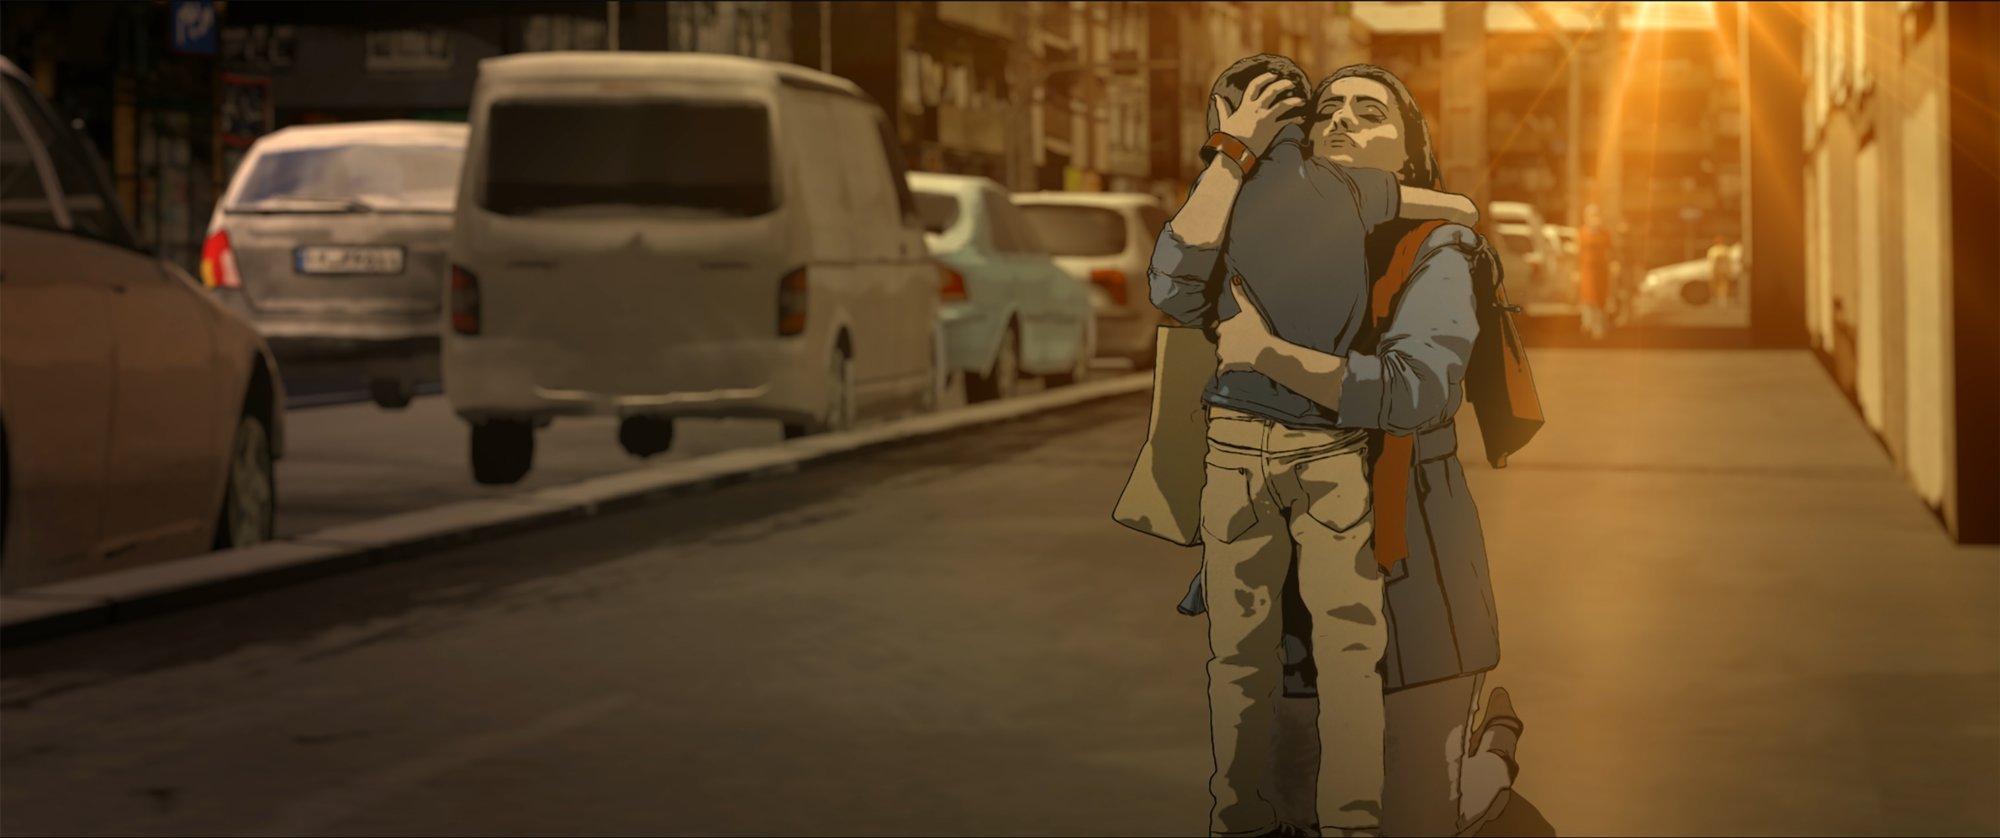 מתוך הסרט טהראן טאבו